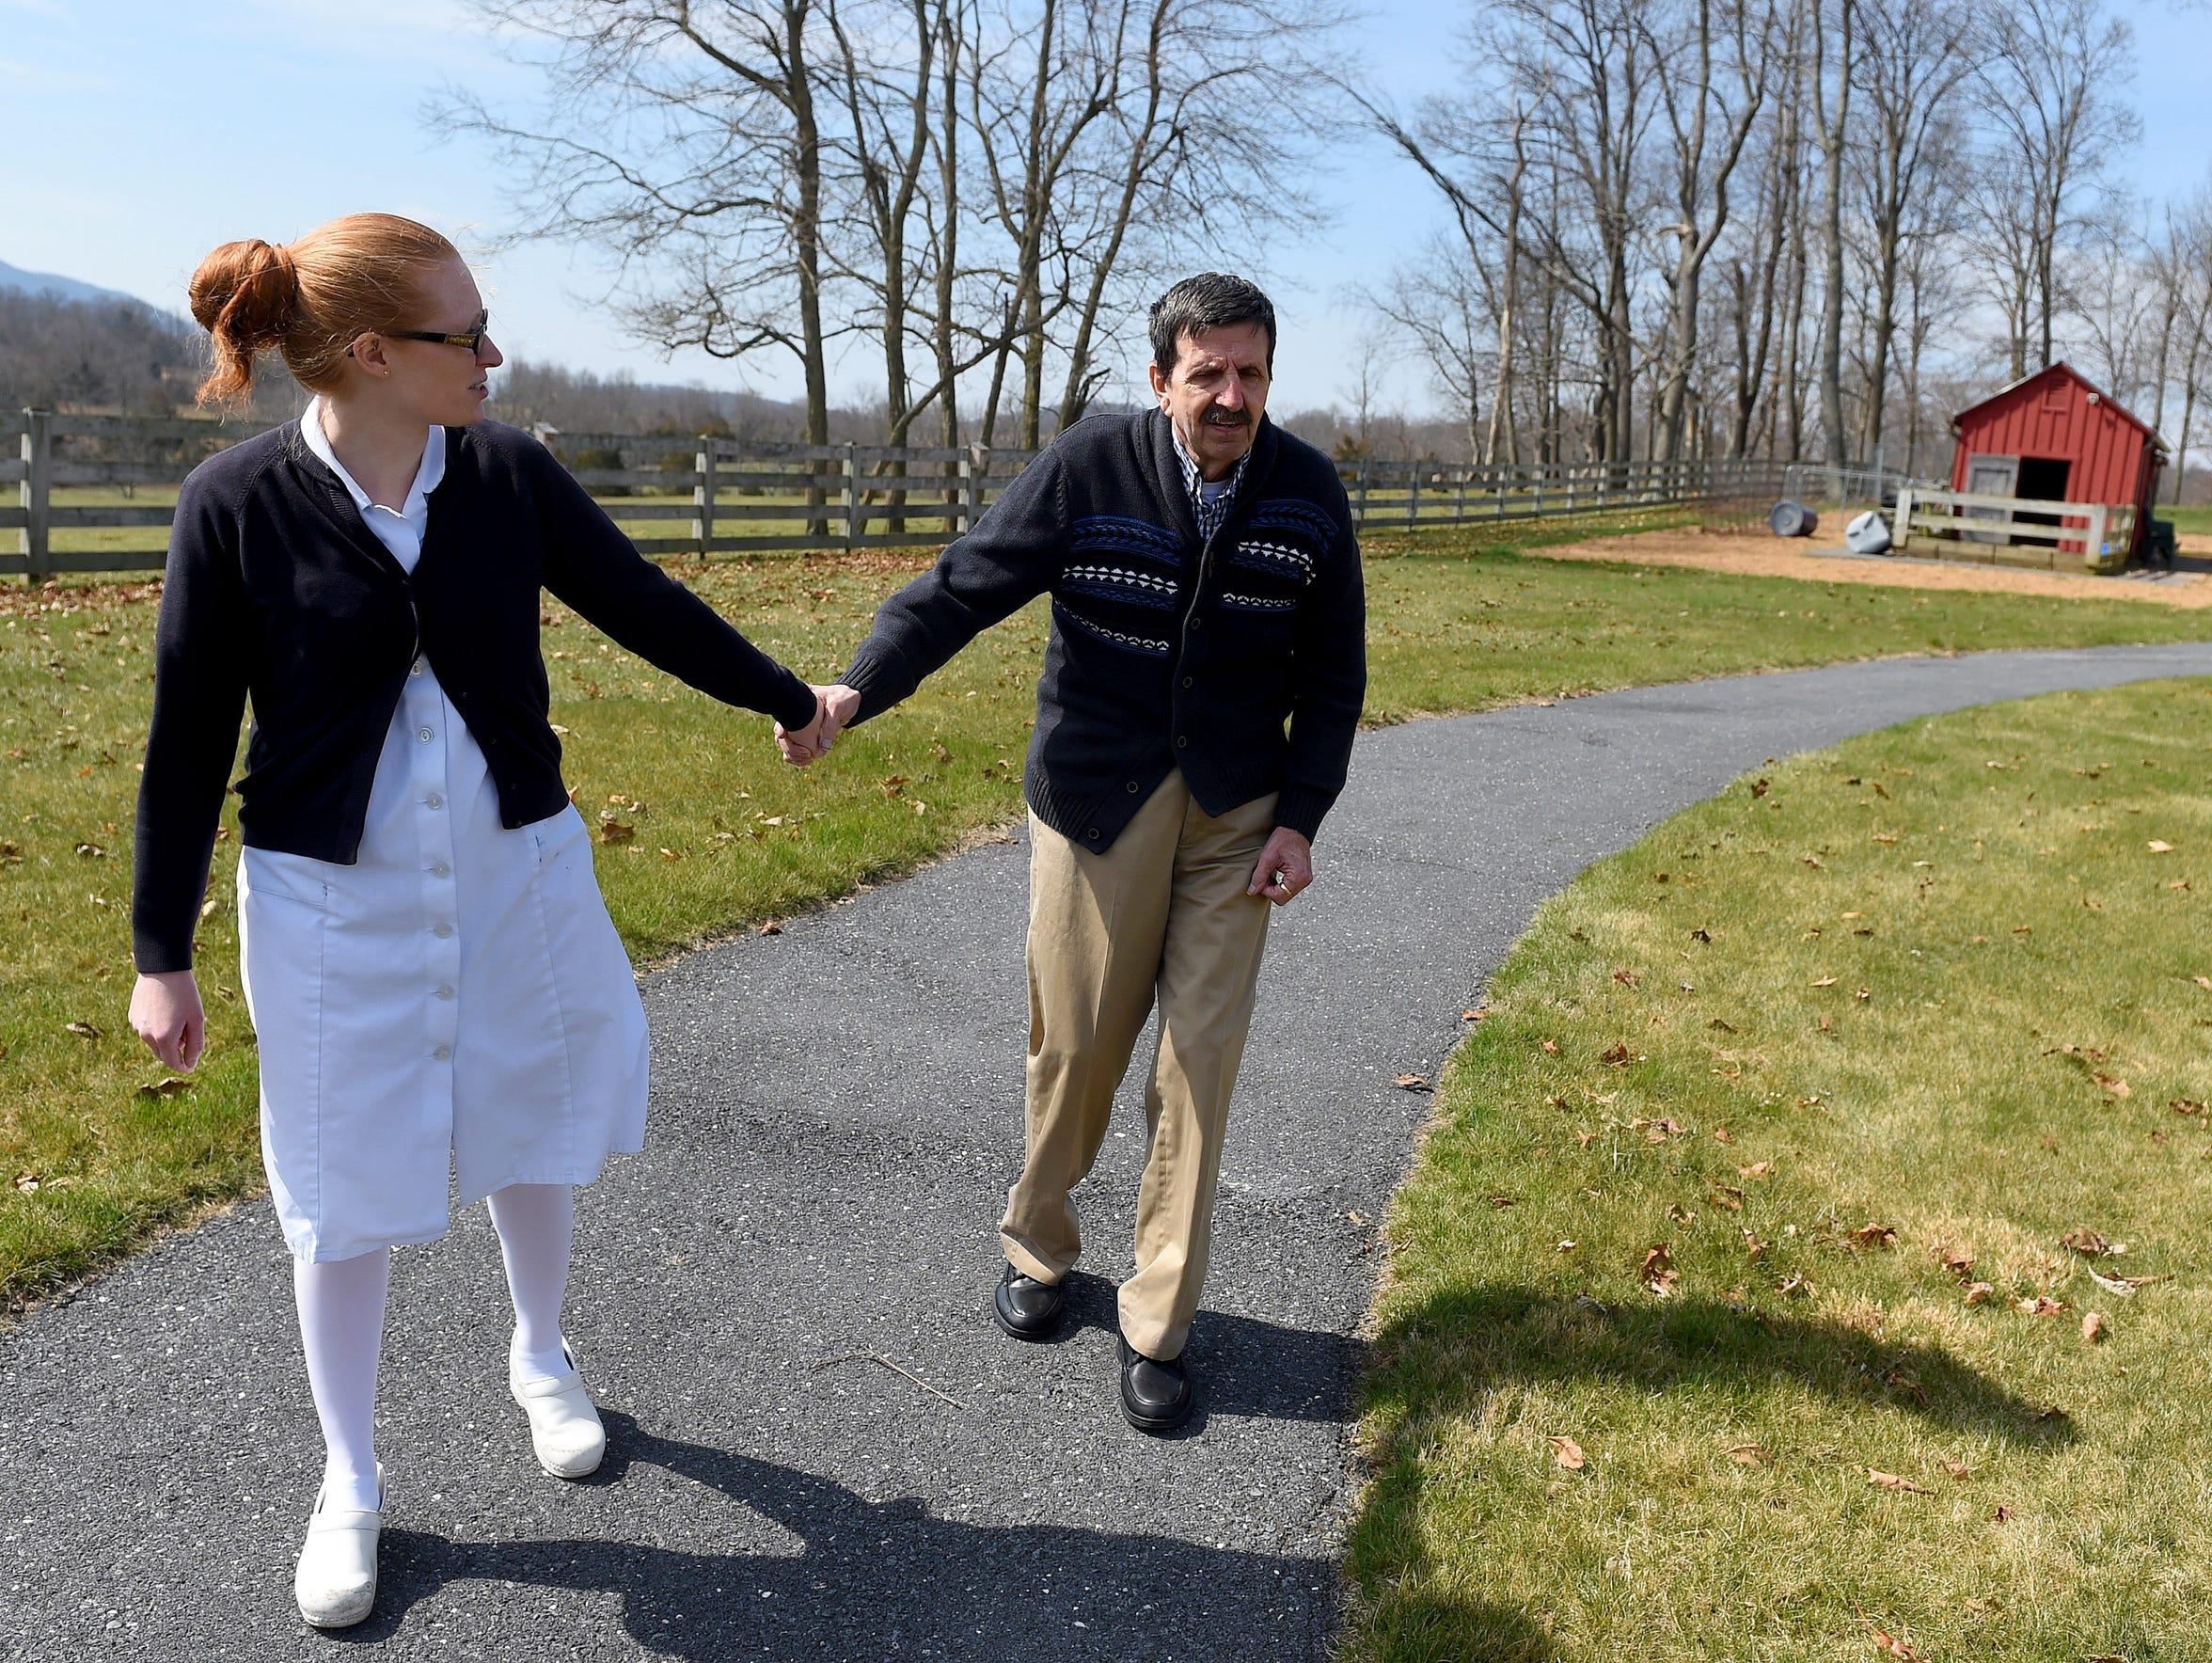 Tim Wood enjoys a walk outside. He walks with Sarah